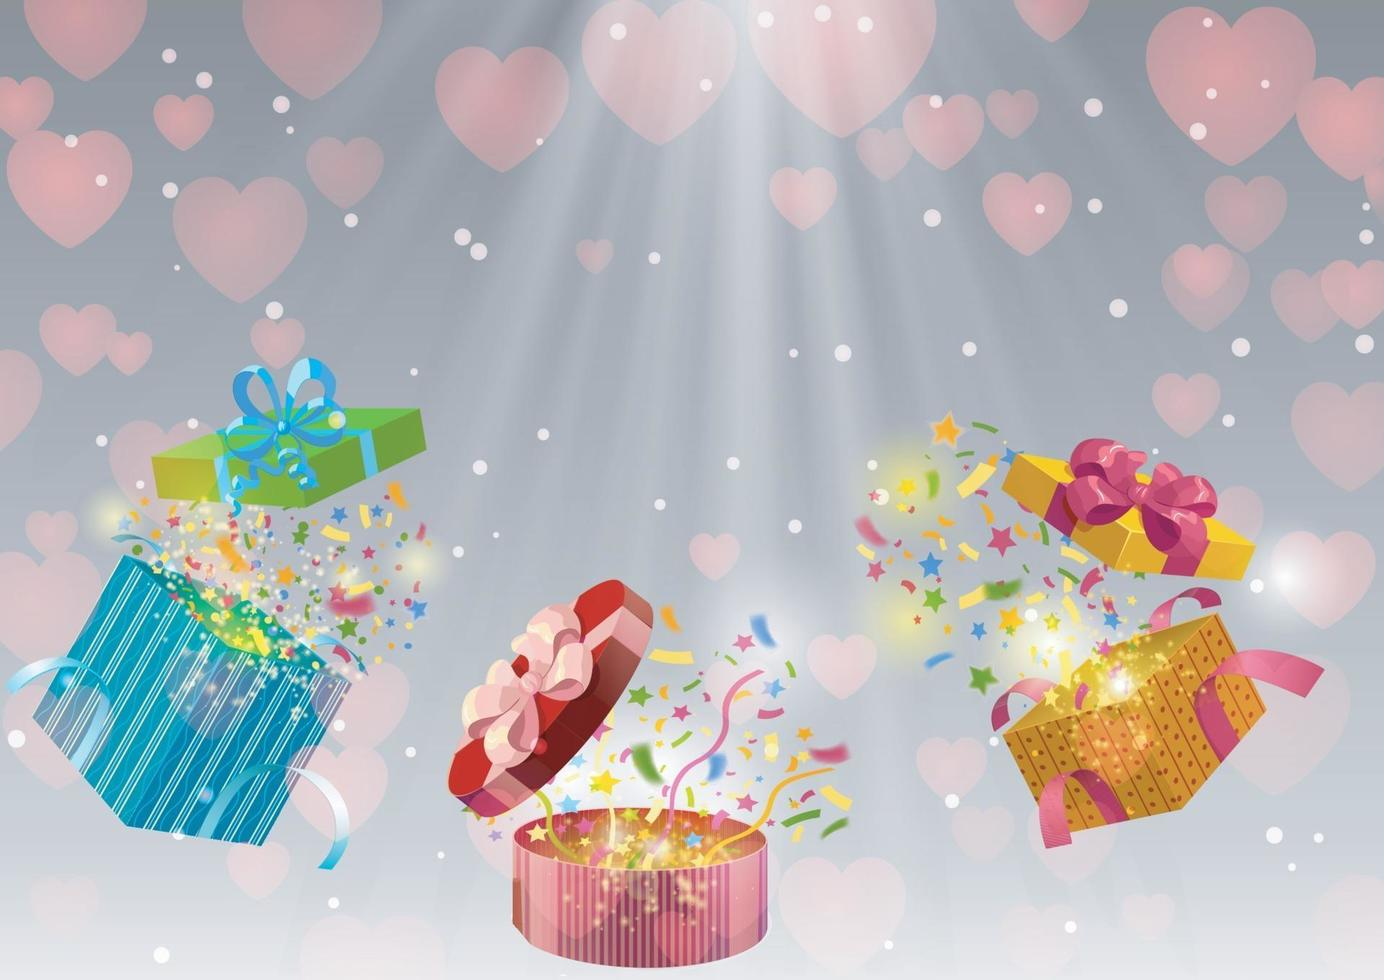 fondo del día de san valentín con caja de regalo bajo focos vector